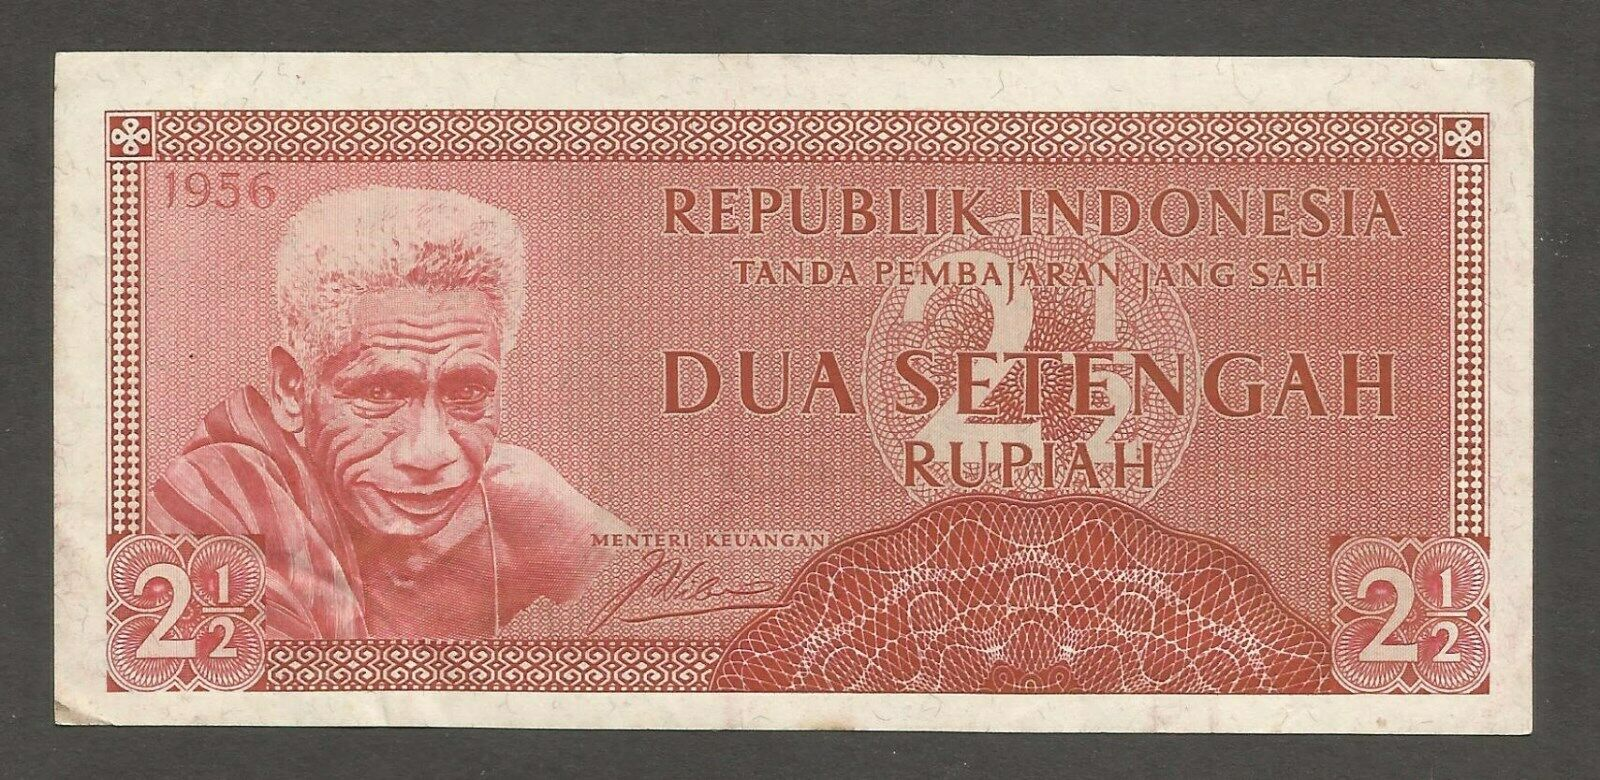 INDONESIA 2 1//2  RUPIAH 1956  AU  P-75